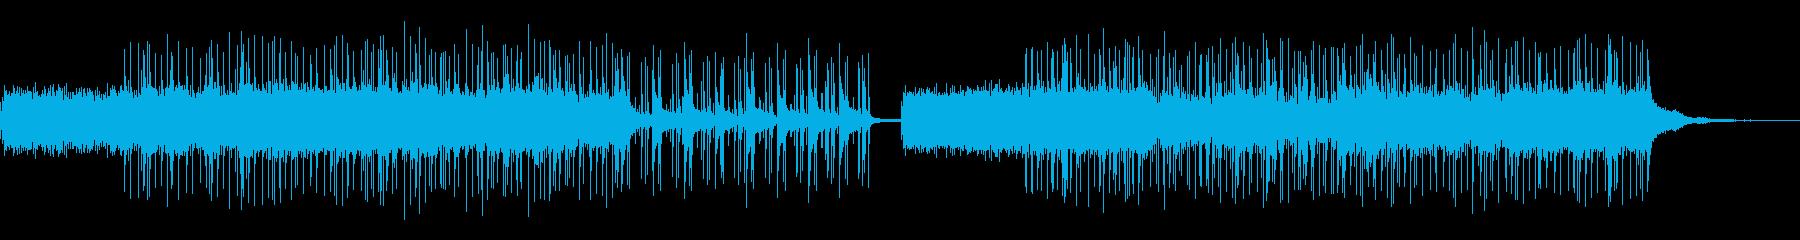 ジャズBGMの再生済みの波形